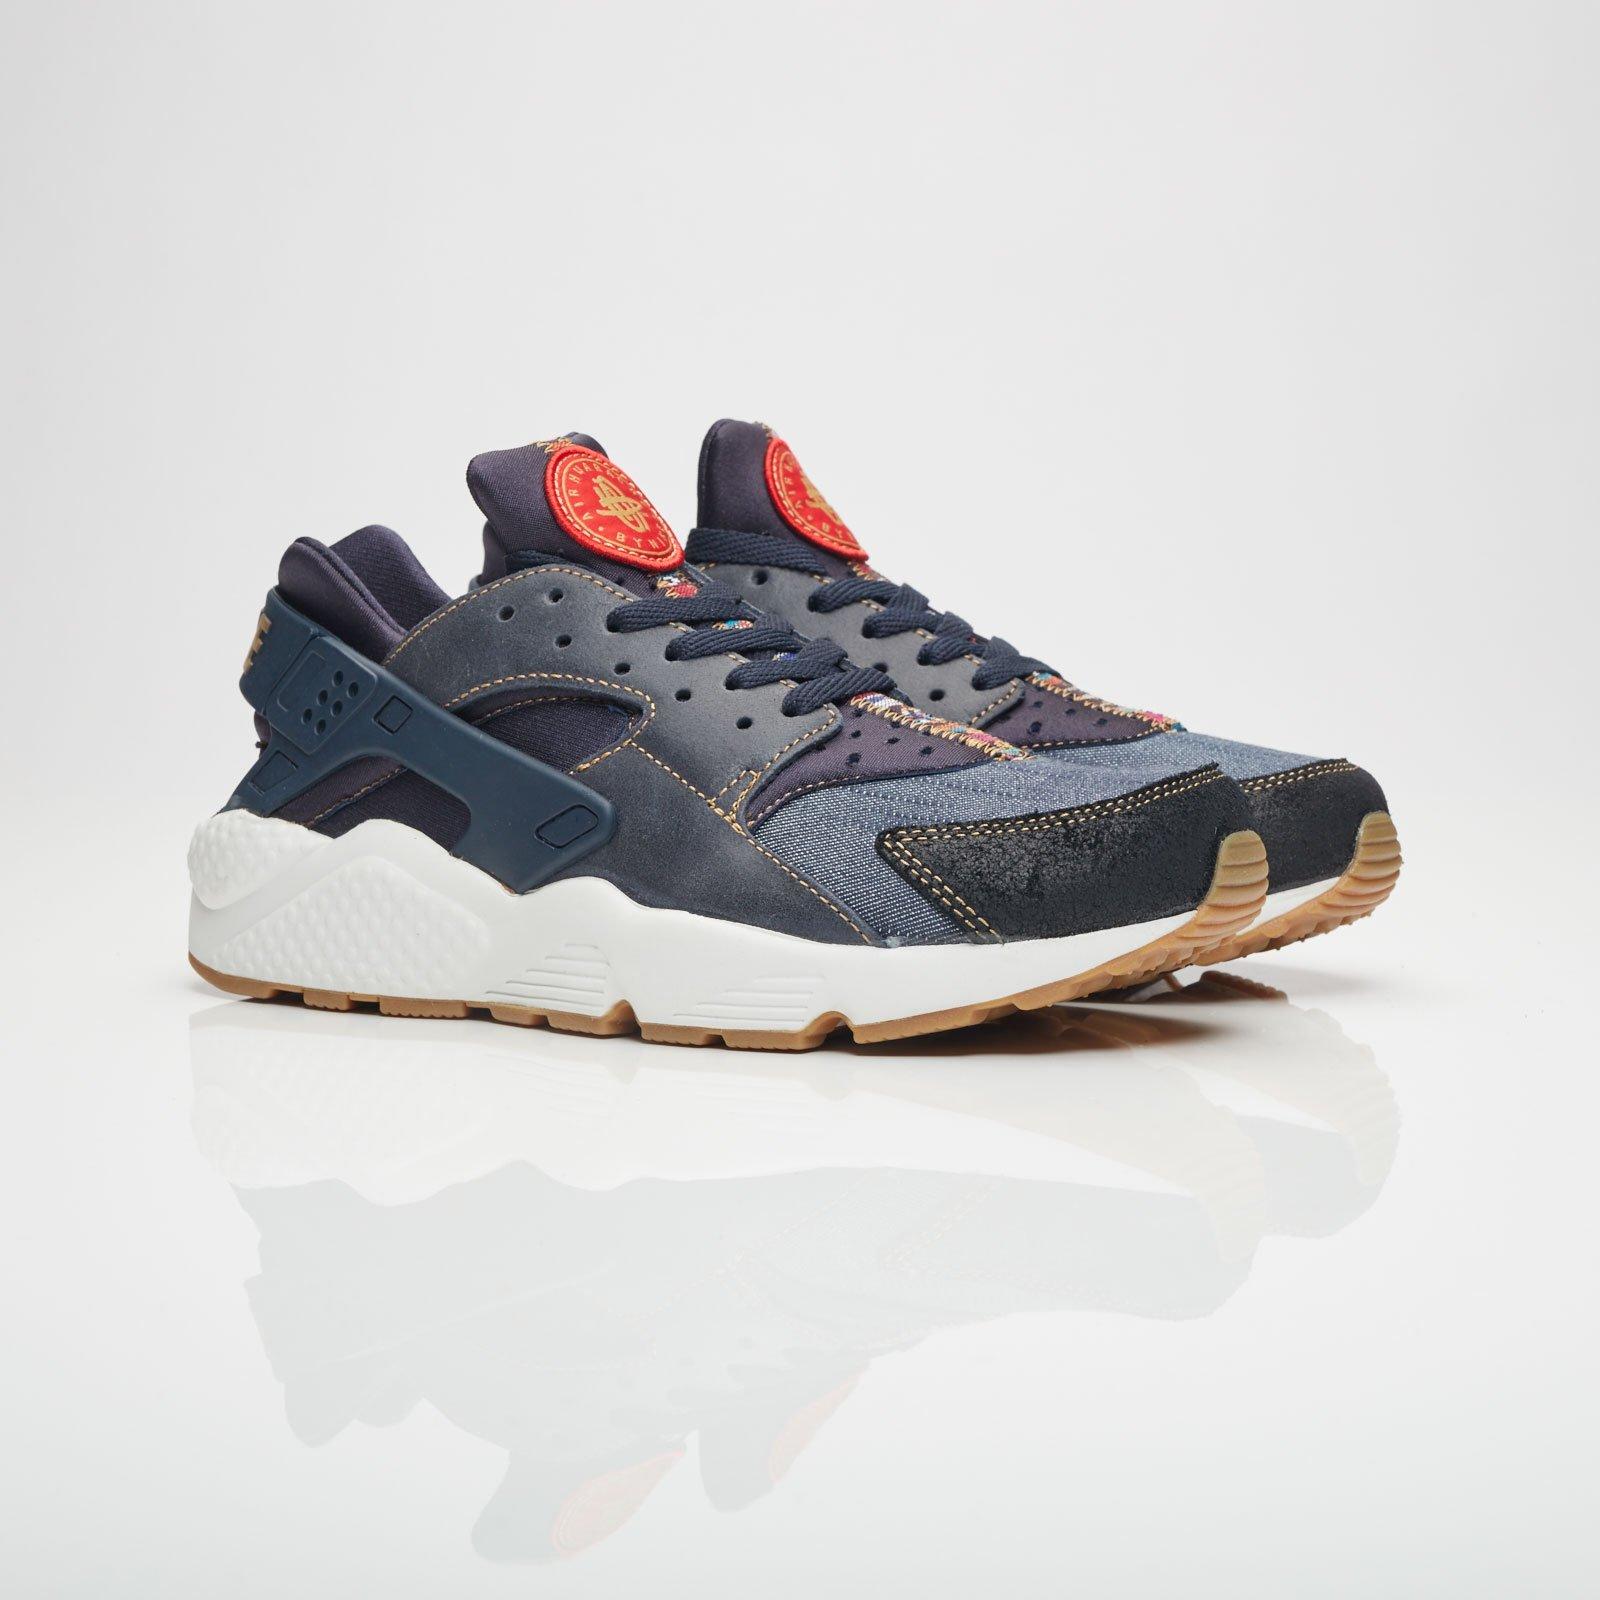 on sale ba700 5887f Nike Sportswear Air Huarache Run SE